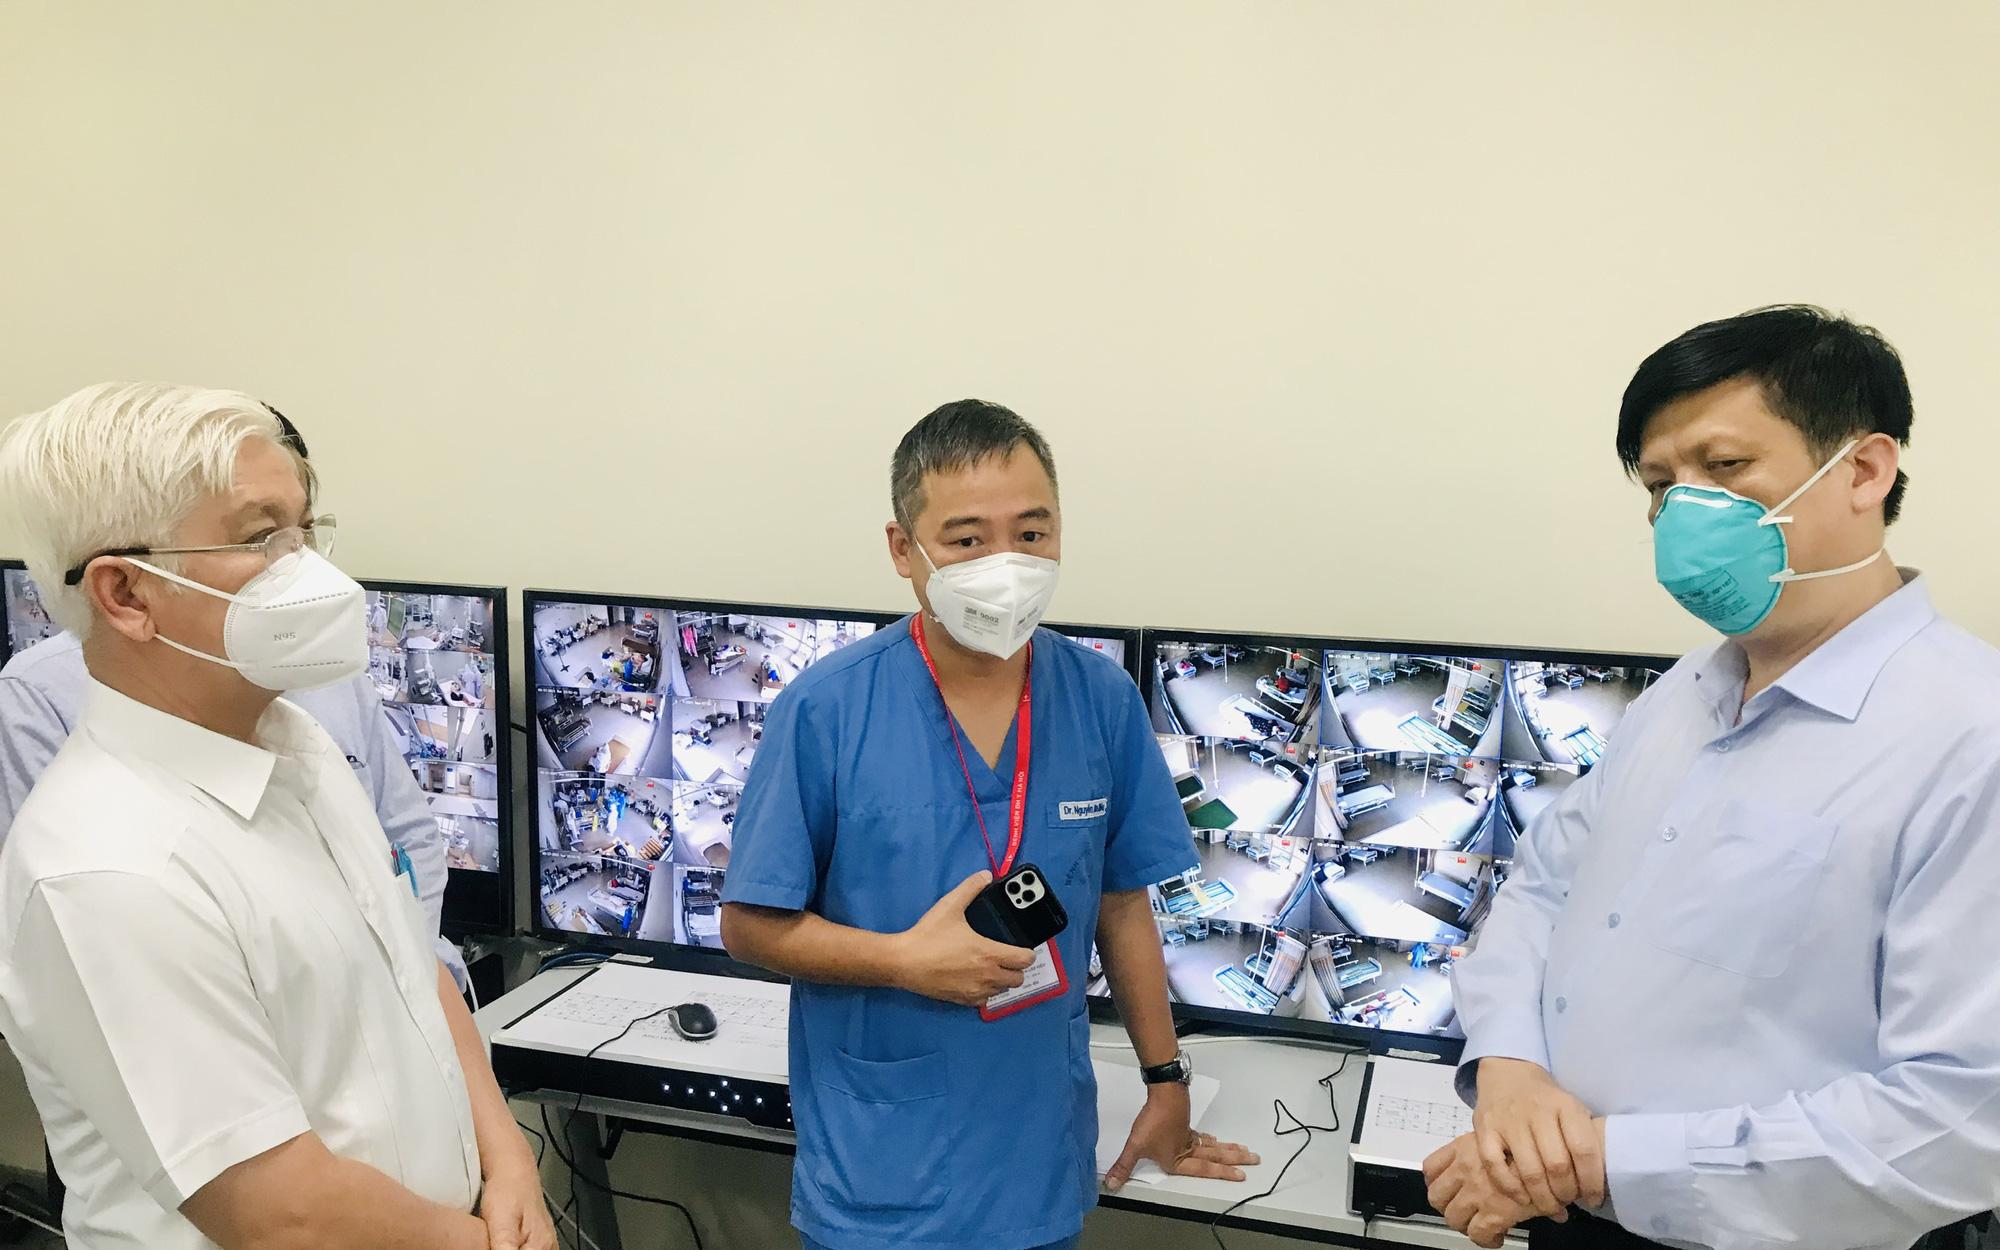 Bộ trưởng Nguyễn Thanh Long: Bộ Y tế sẽ tiếp tục hỗ trợ thuốc, nhân lực, vaccine để Bình Dương chống dịch